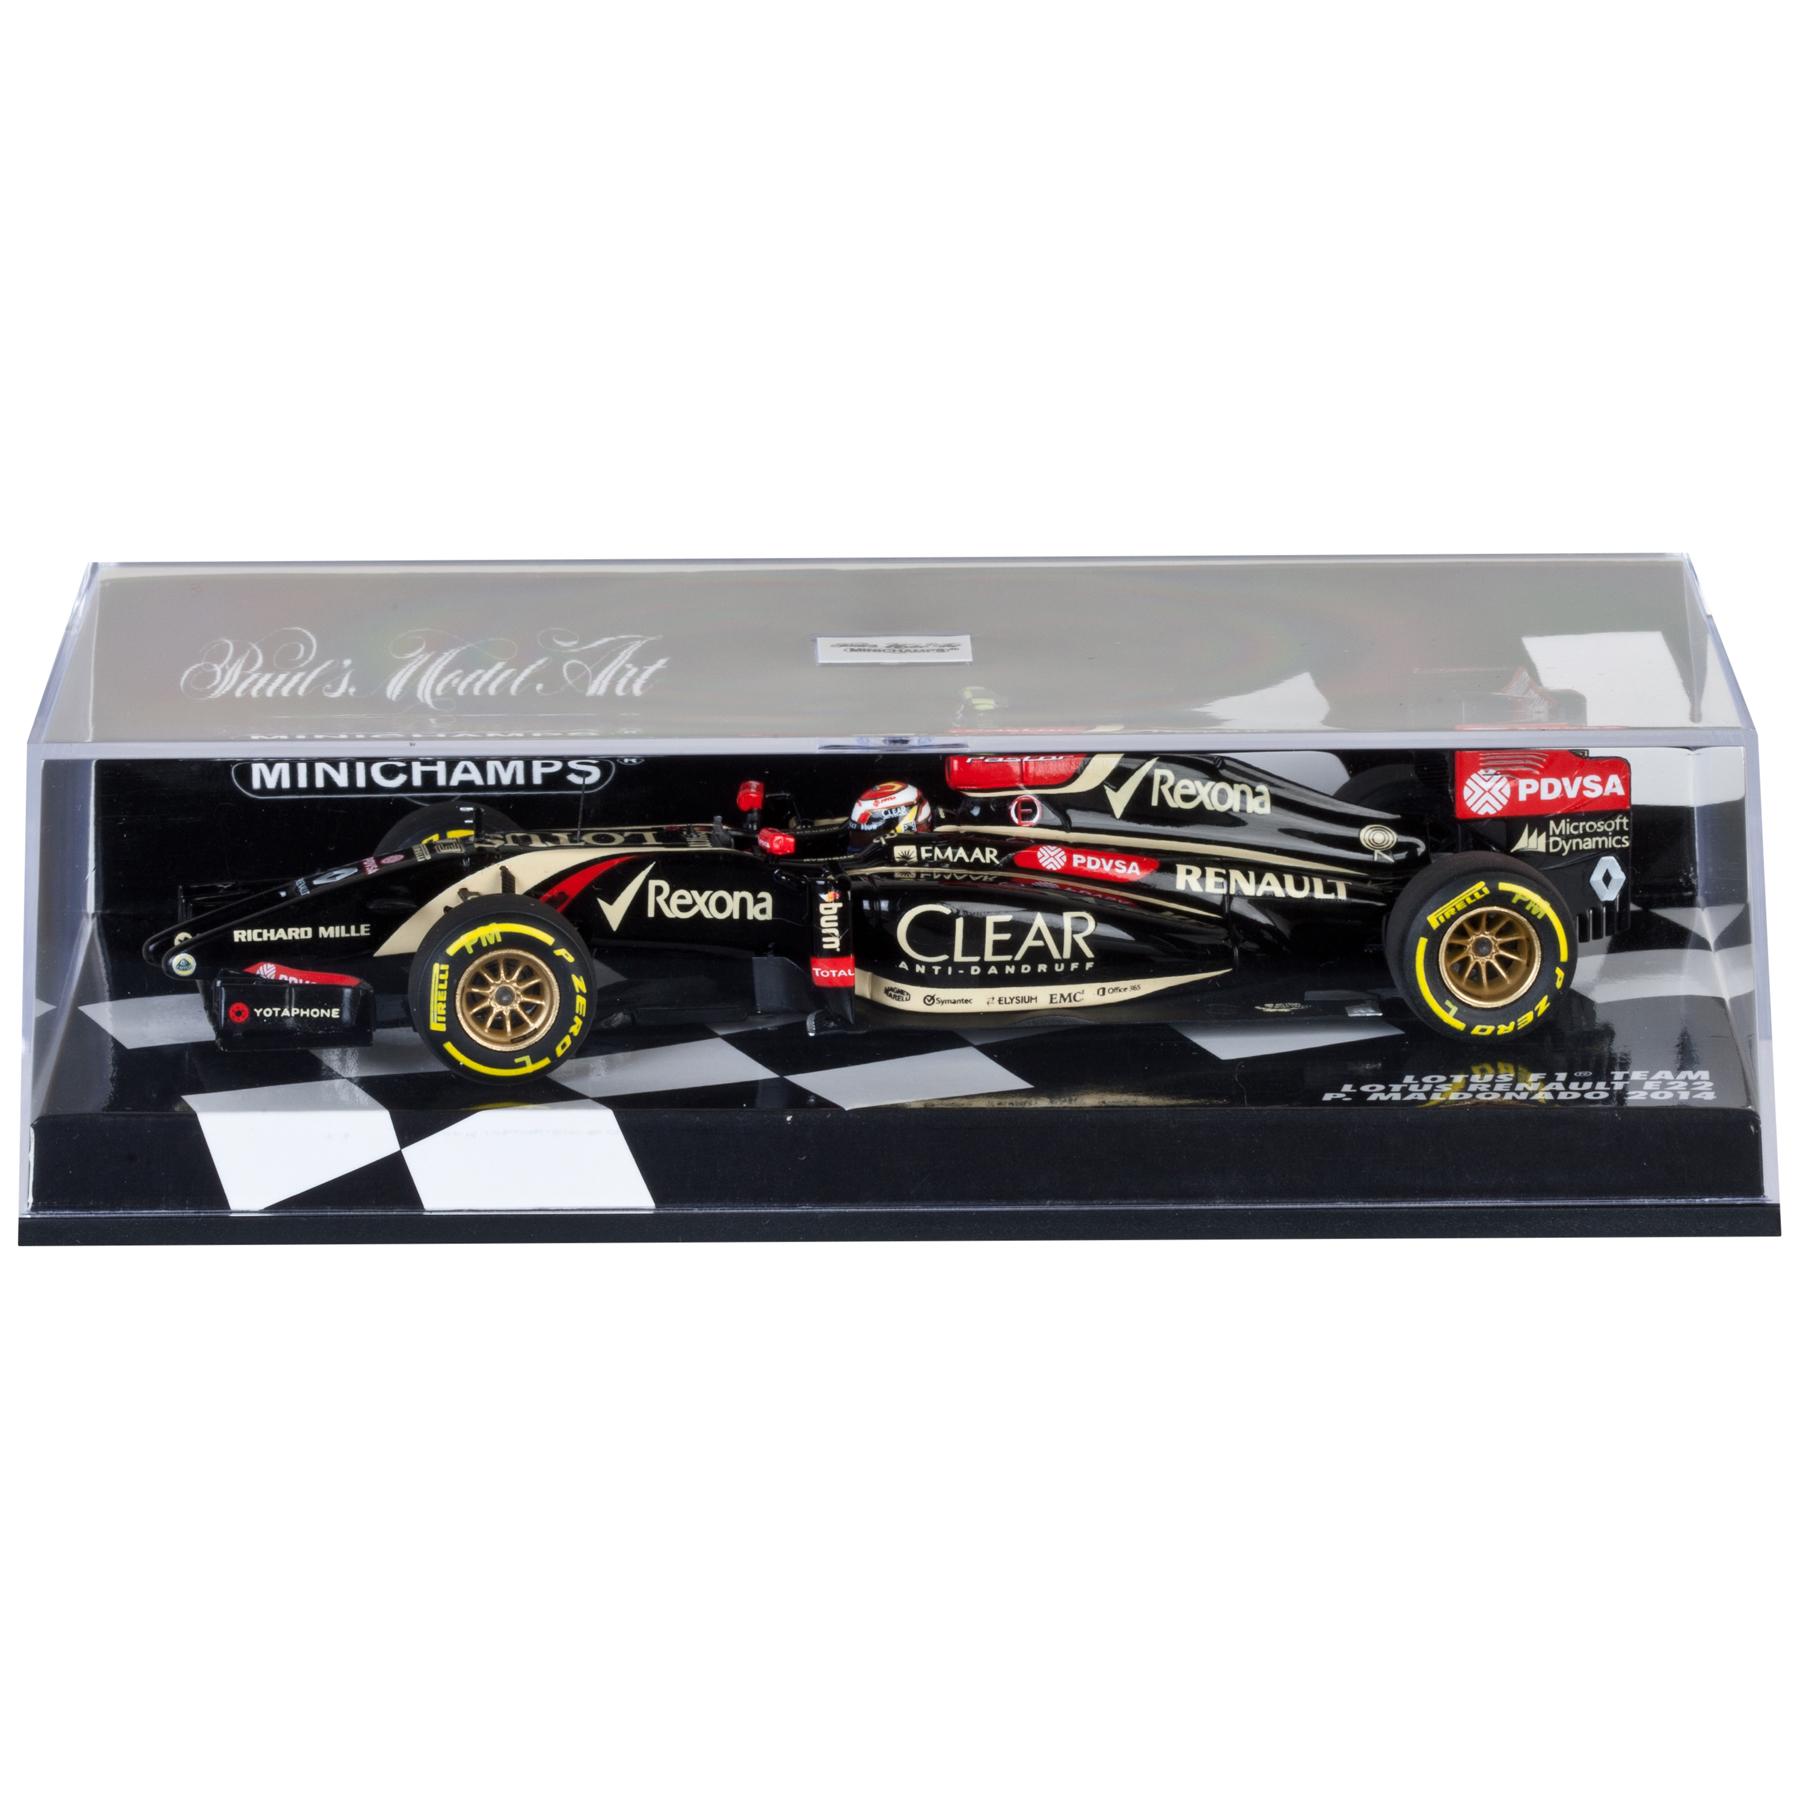 Lotus F1 Renault E22 Pastor Maldonado 2014 - 1:43 Scale